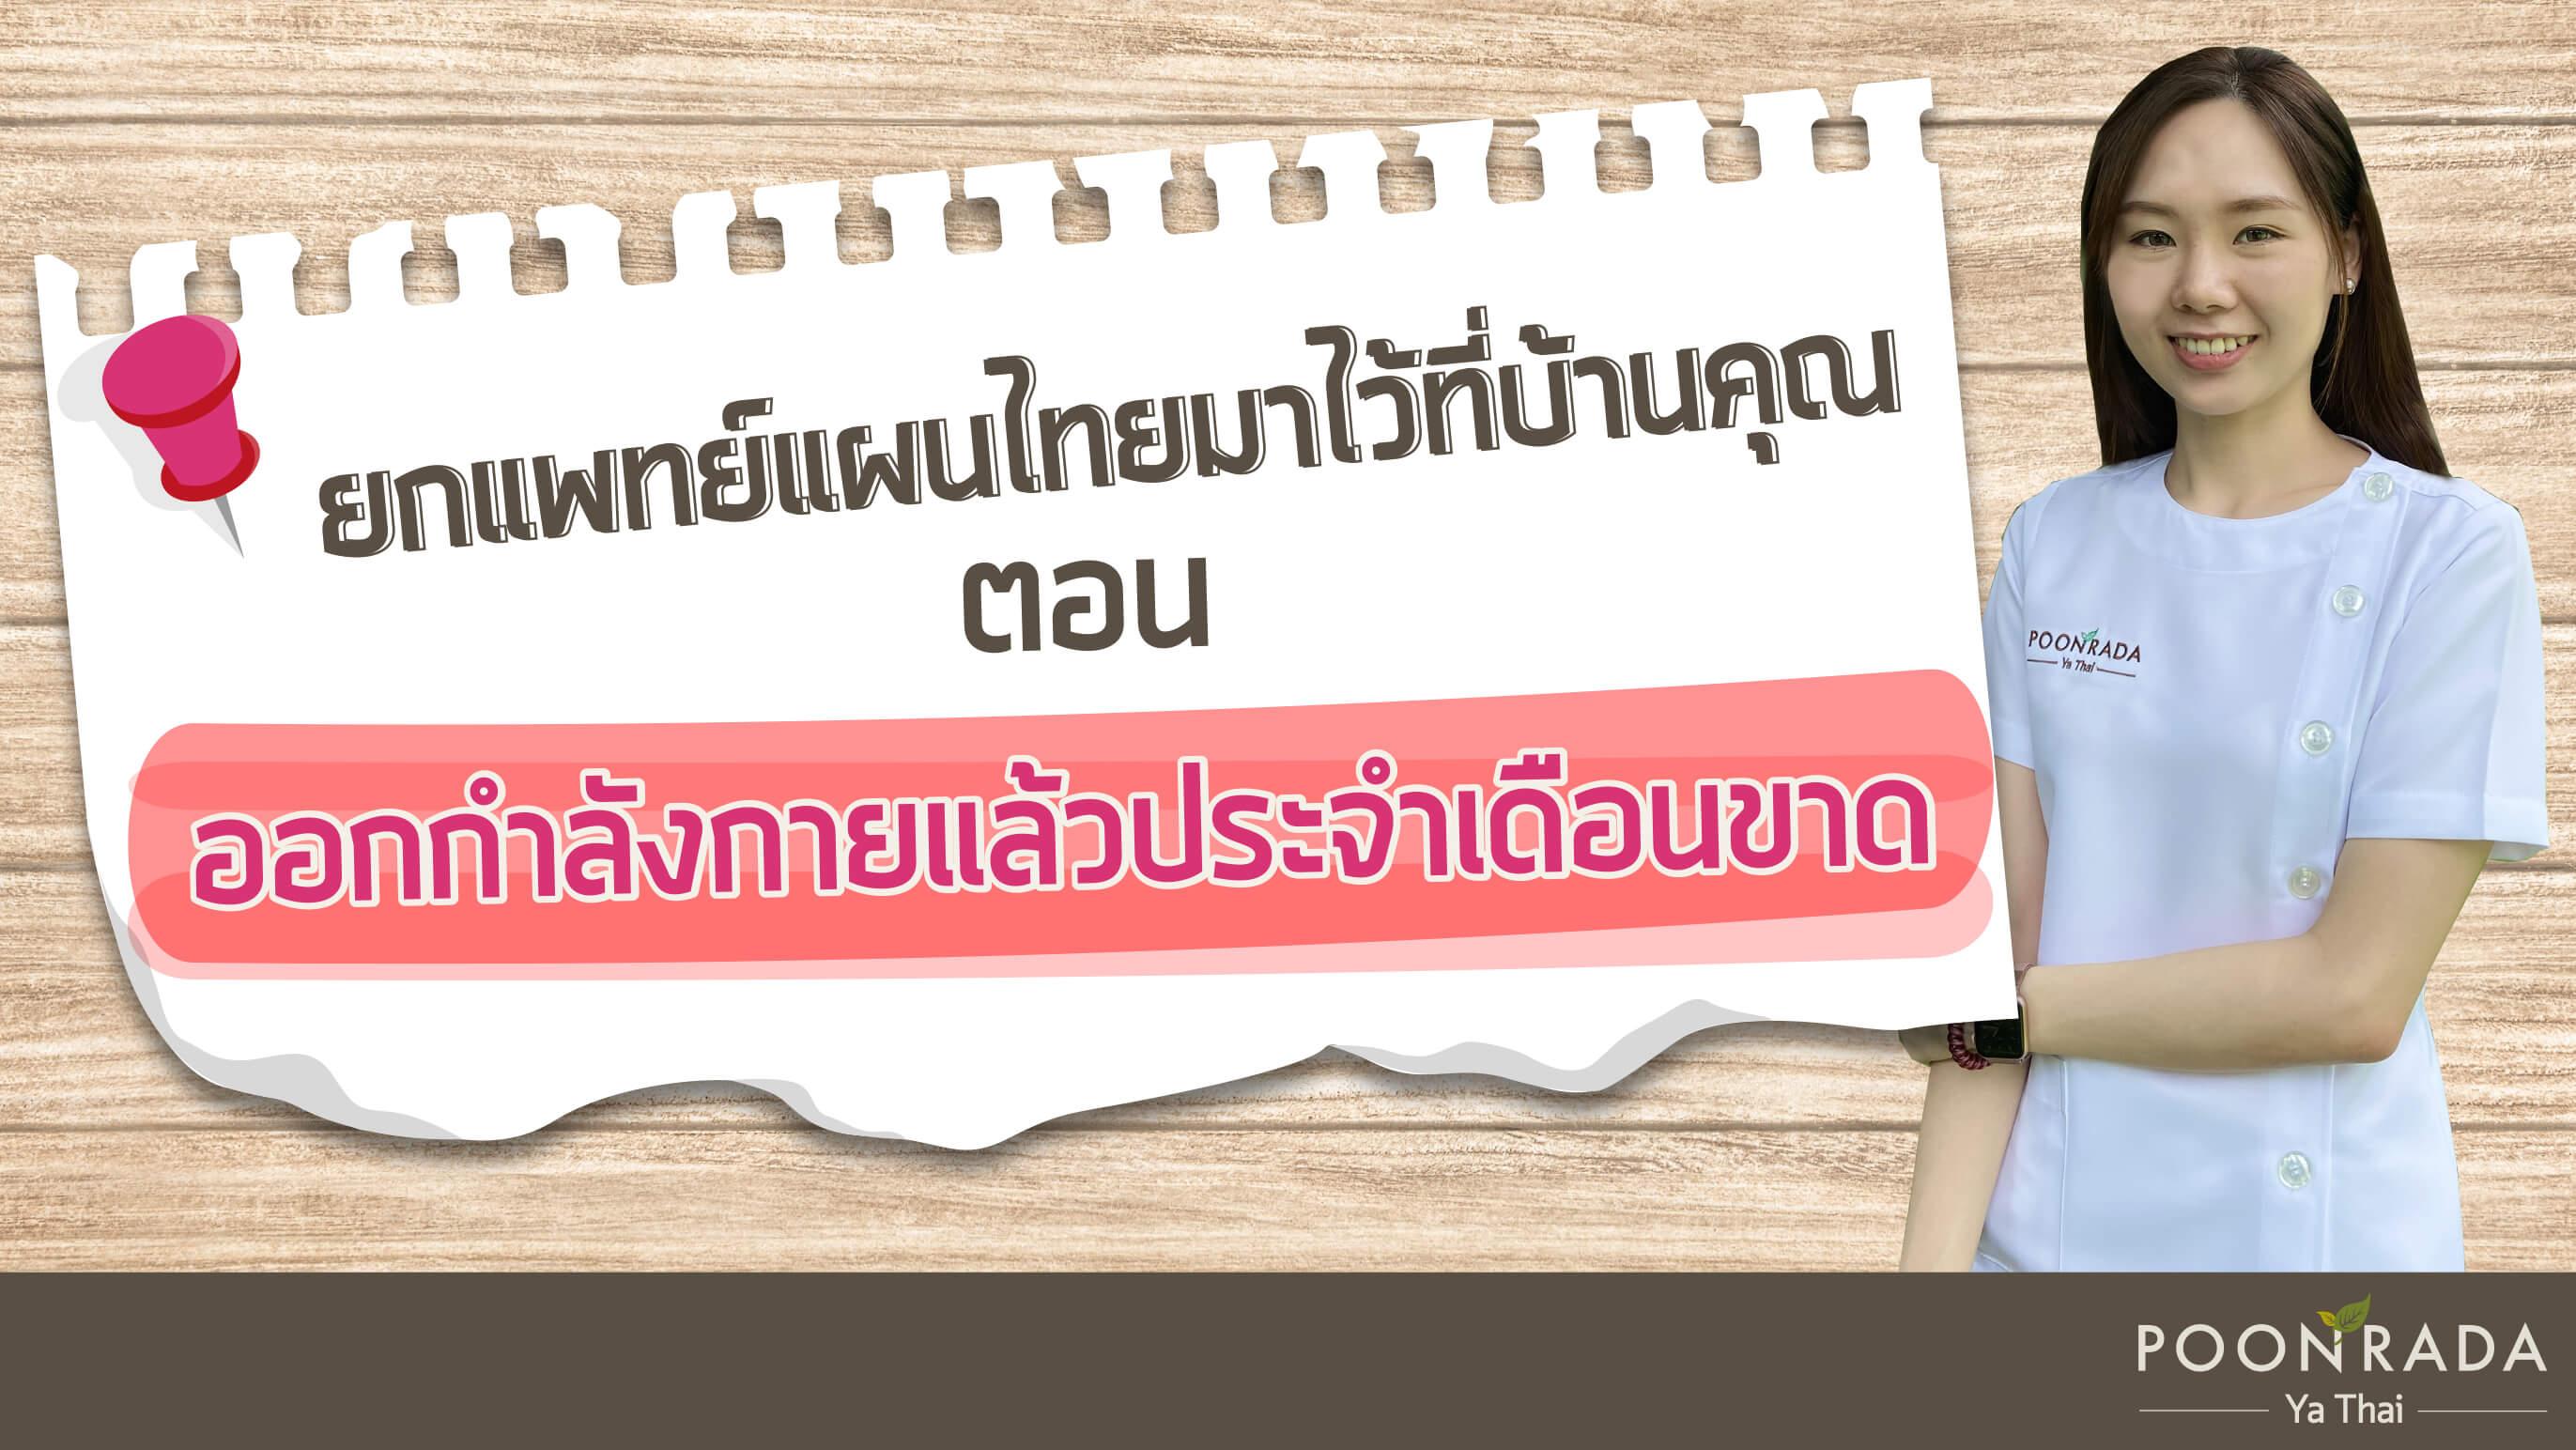 ยกแพทย์แผนไทยมาไว้ที่บ้านคุณ ตอน ออกกำลังกายแล้วประจำเดือนขาด